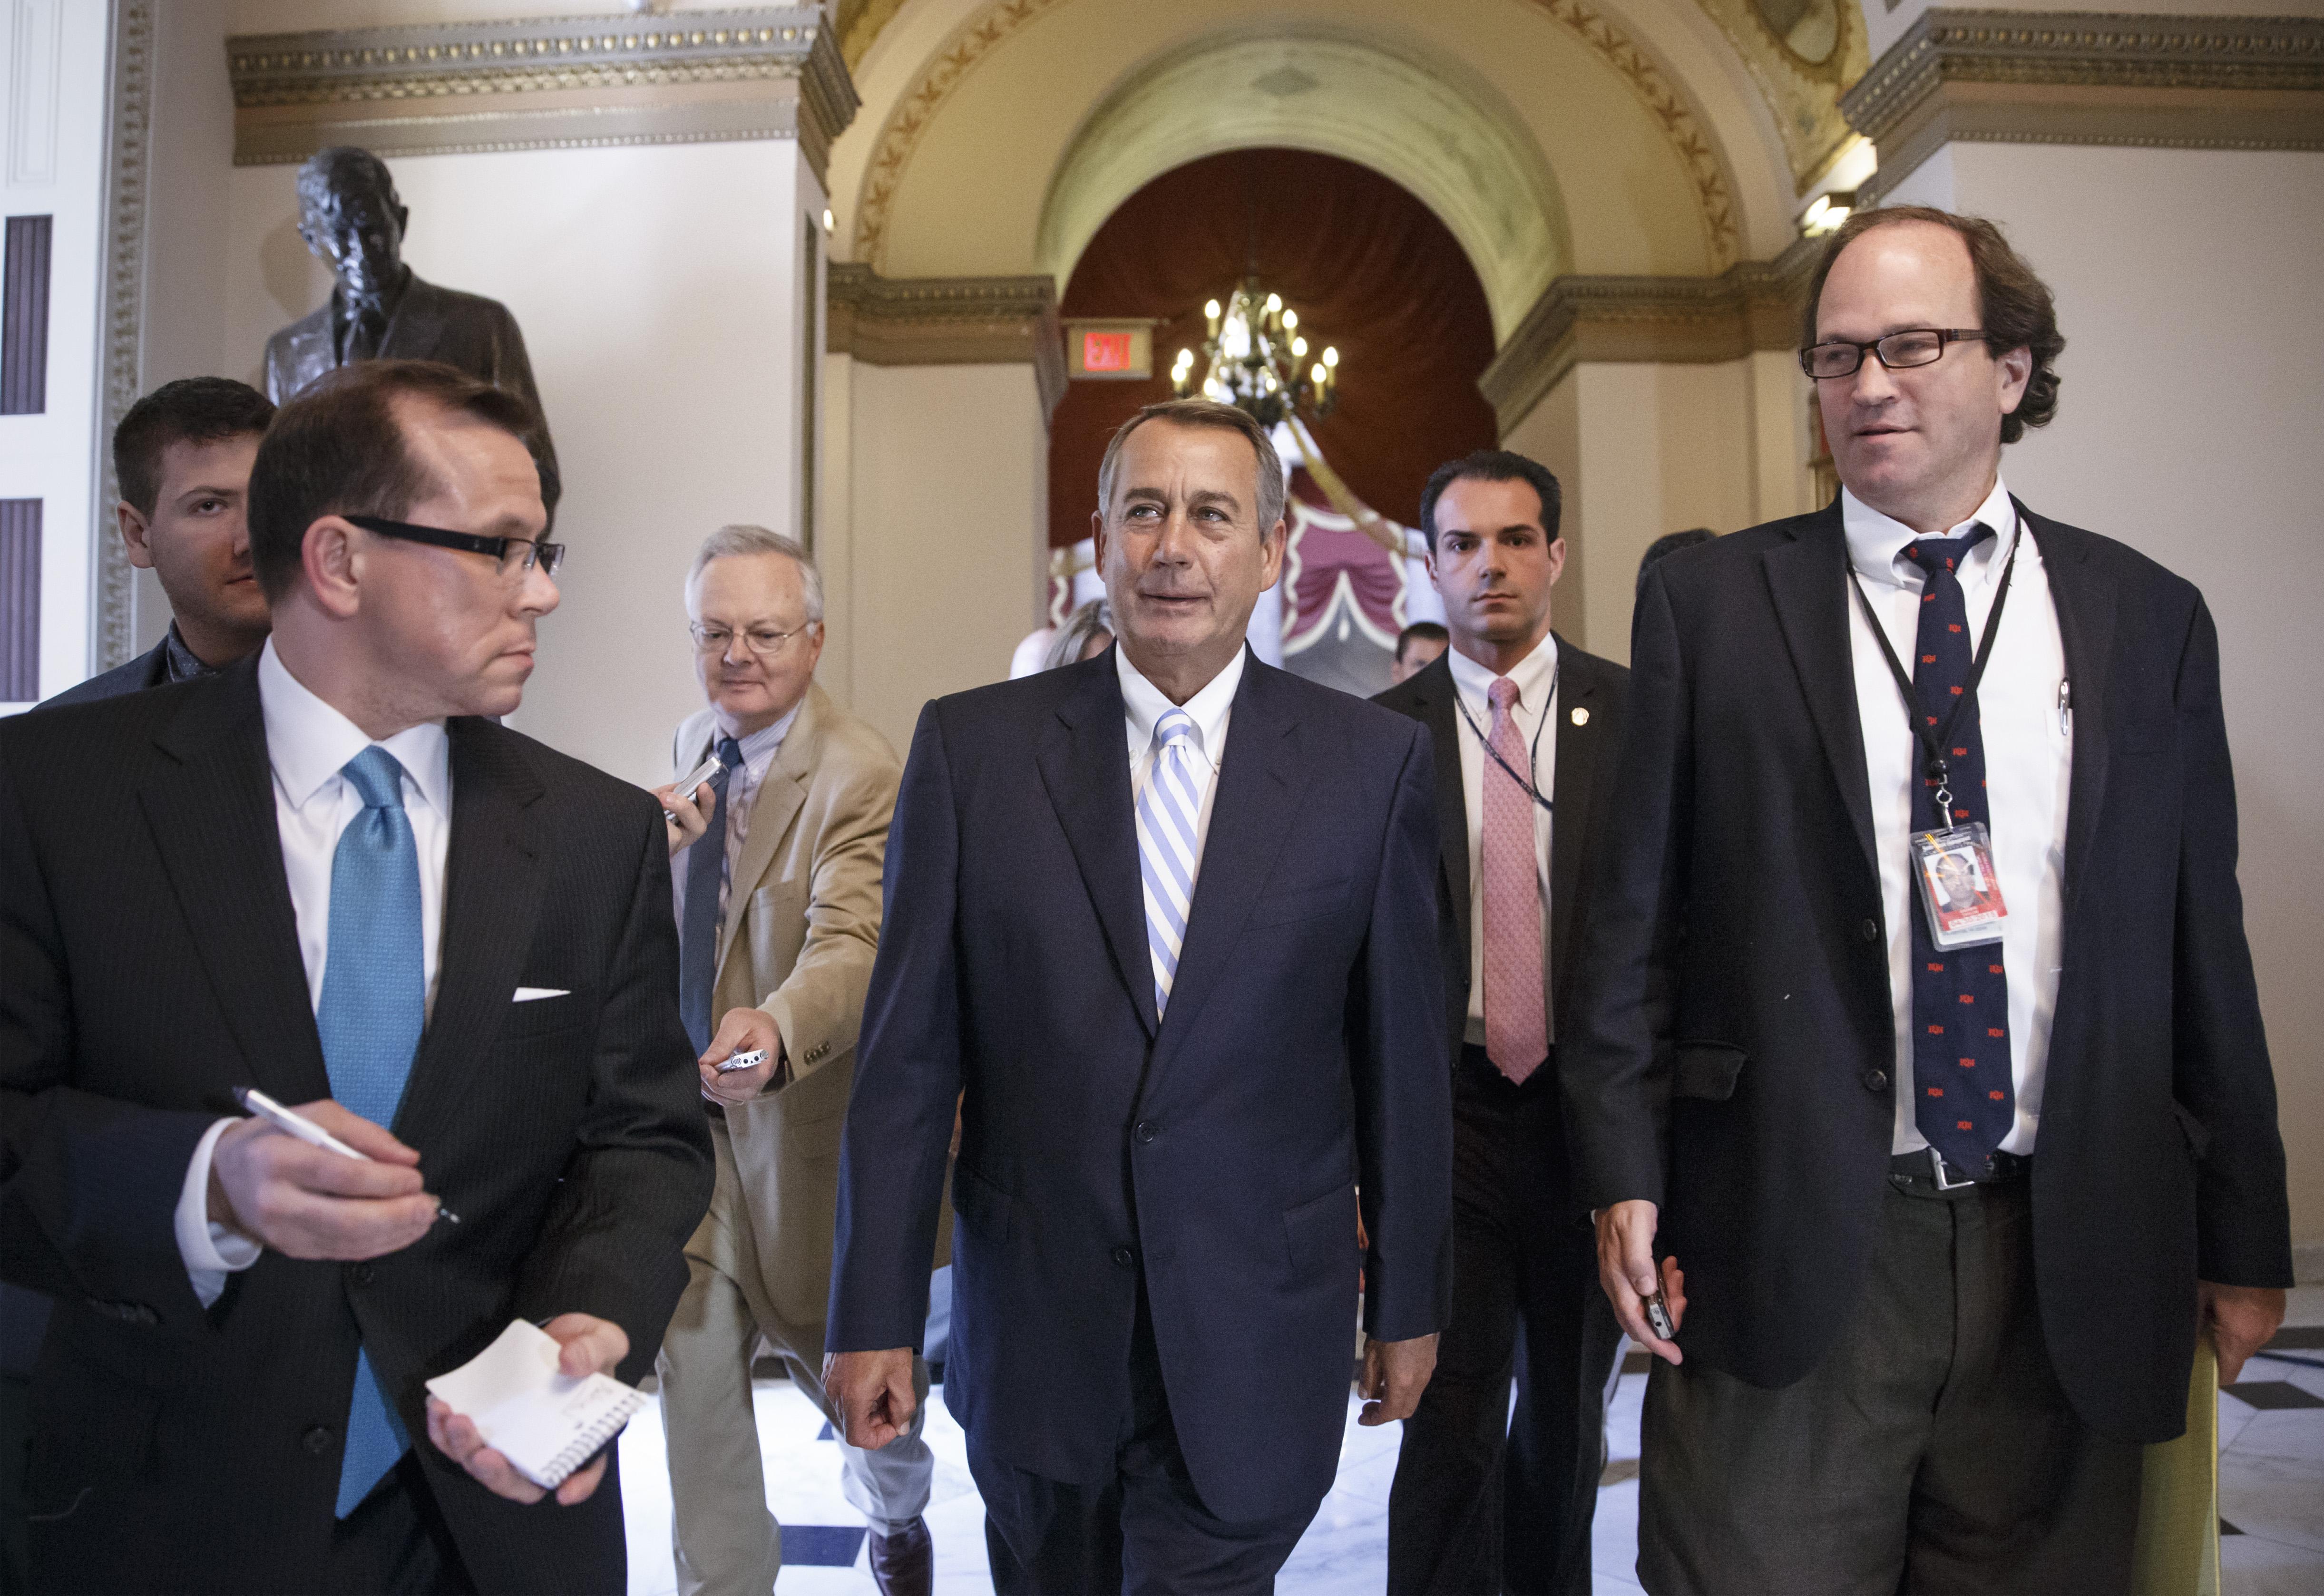 House Speaker John Boehner, center, walks to the House chamber on Capitol Hill on July 31, 2014